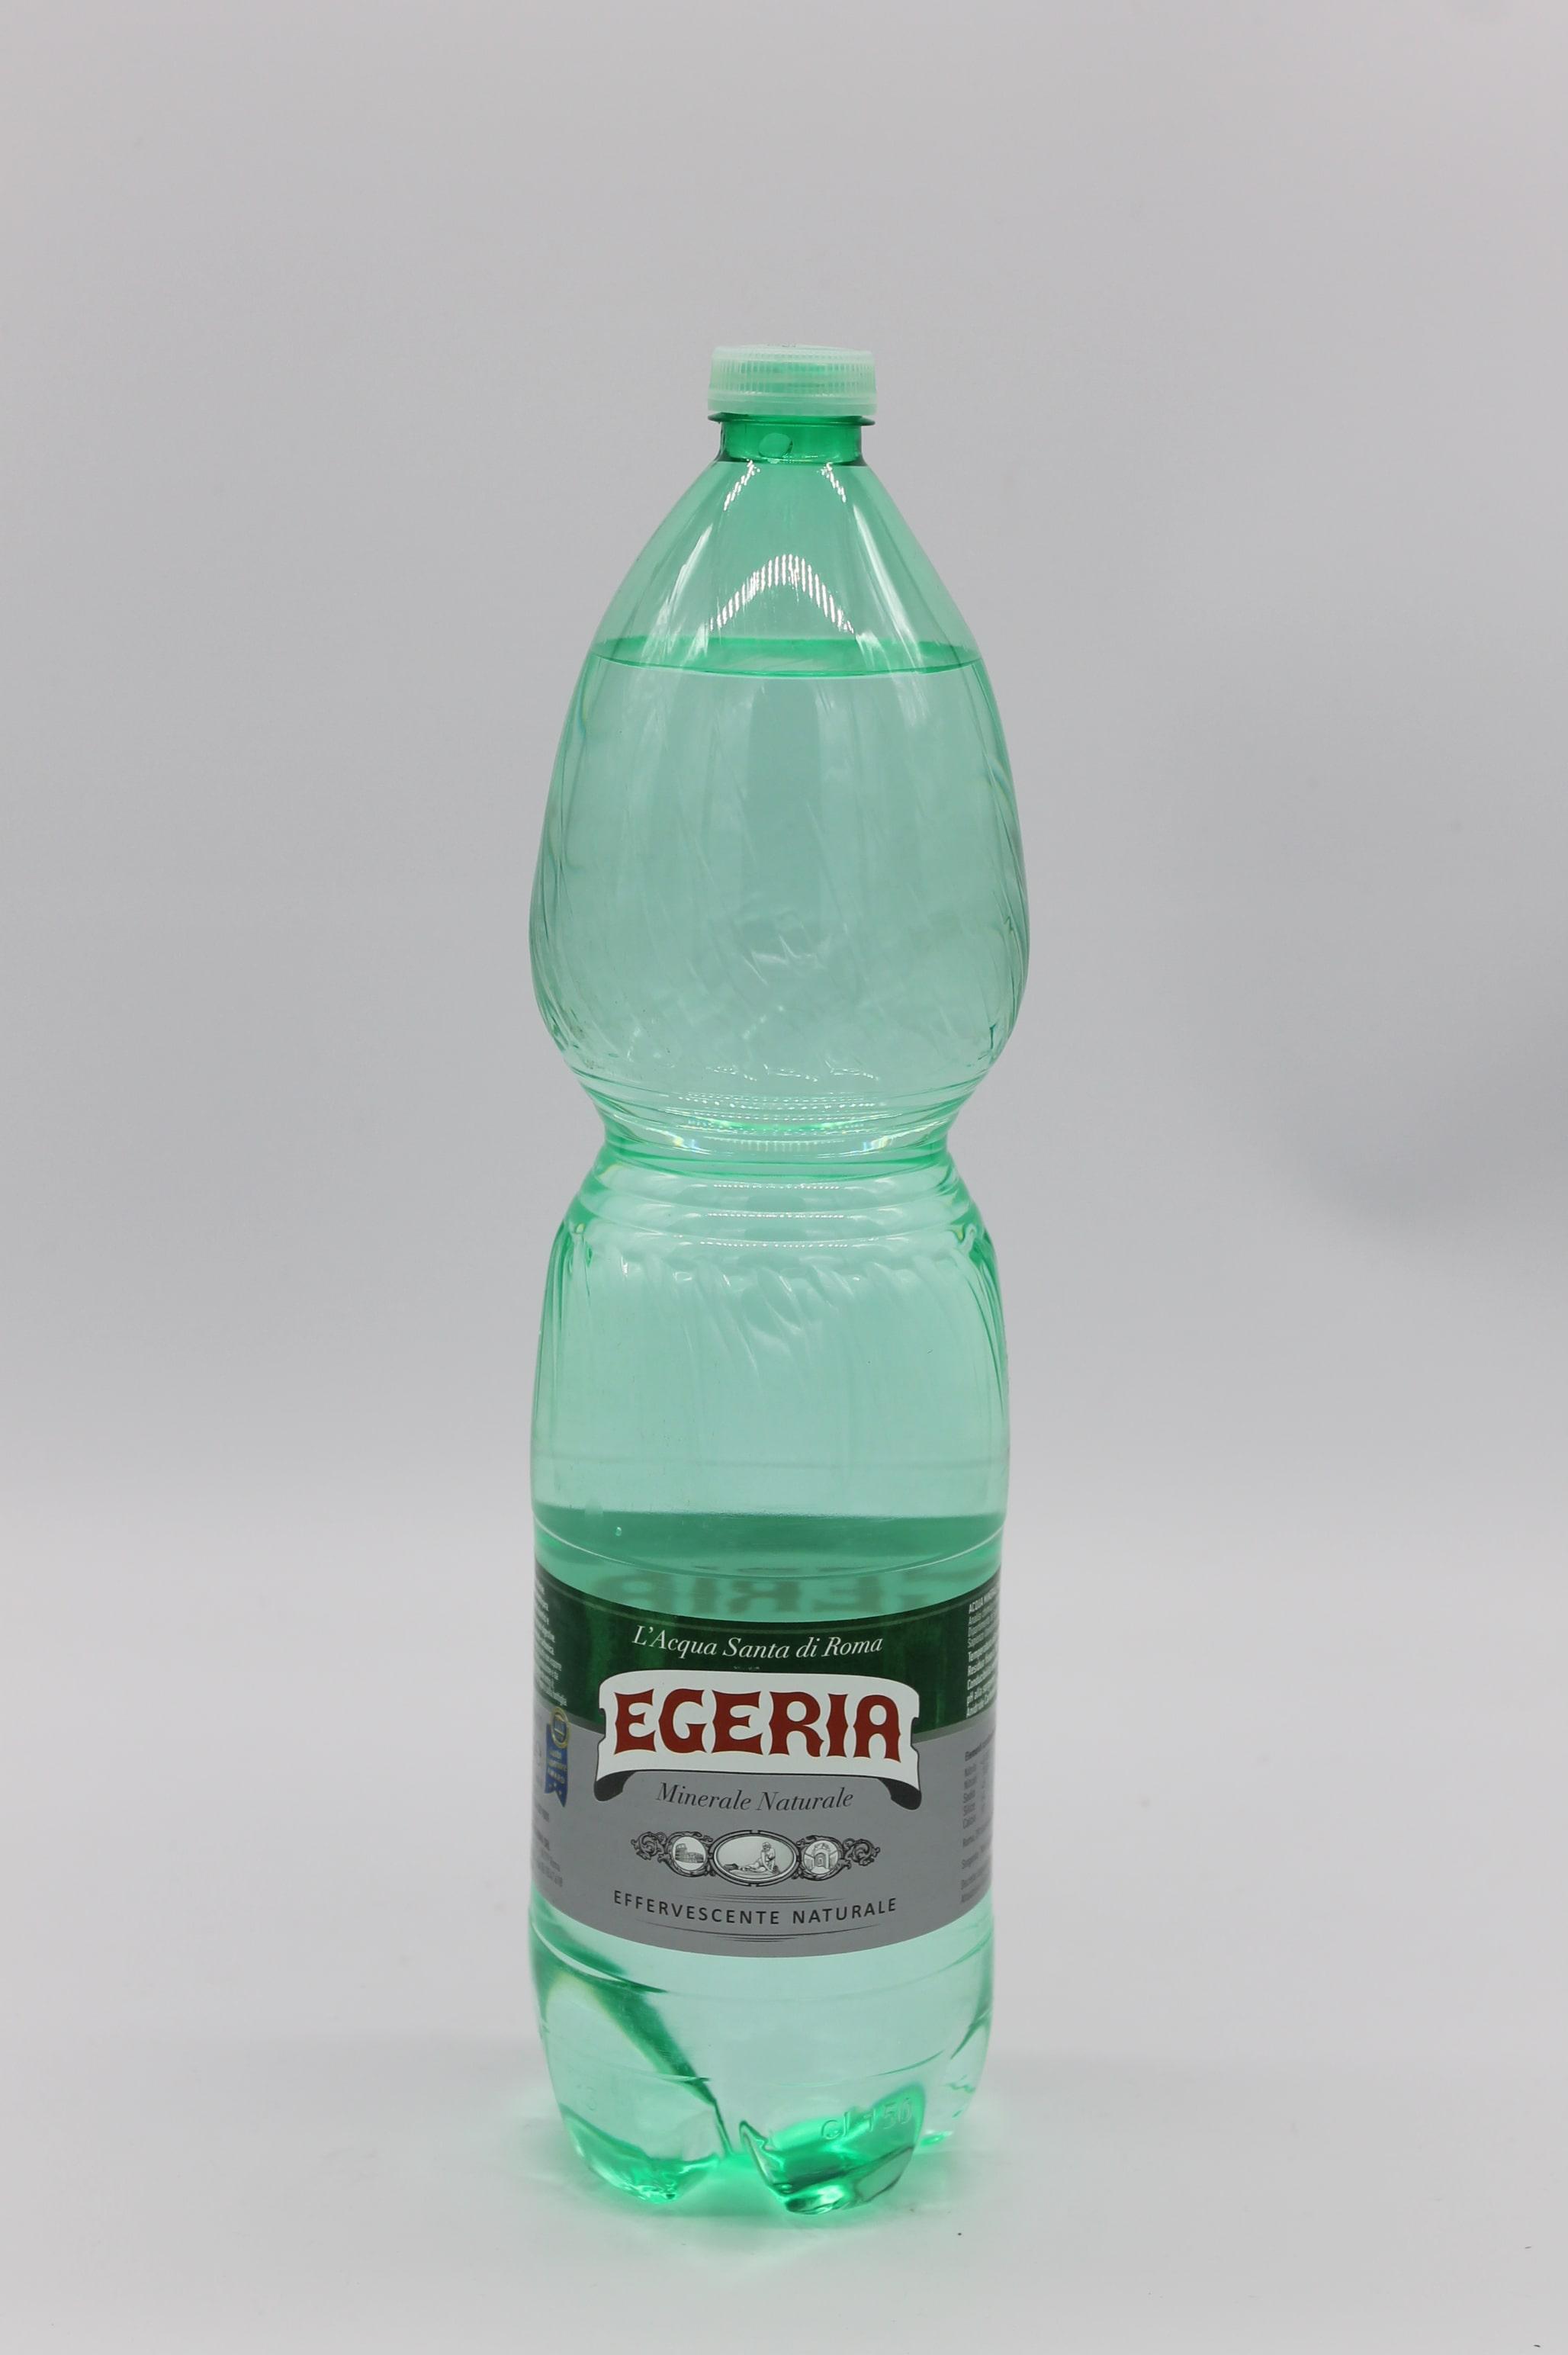 Acqua minerale Egeria 1,5lt.